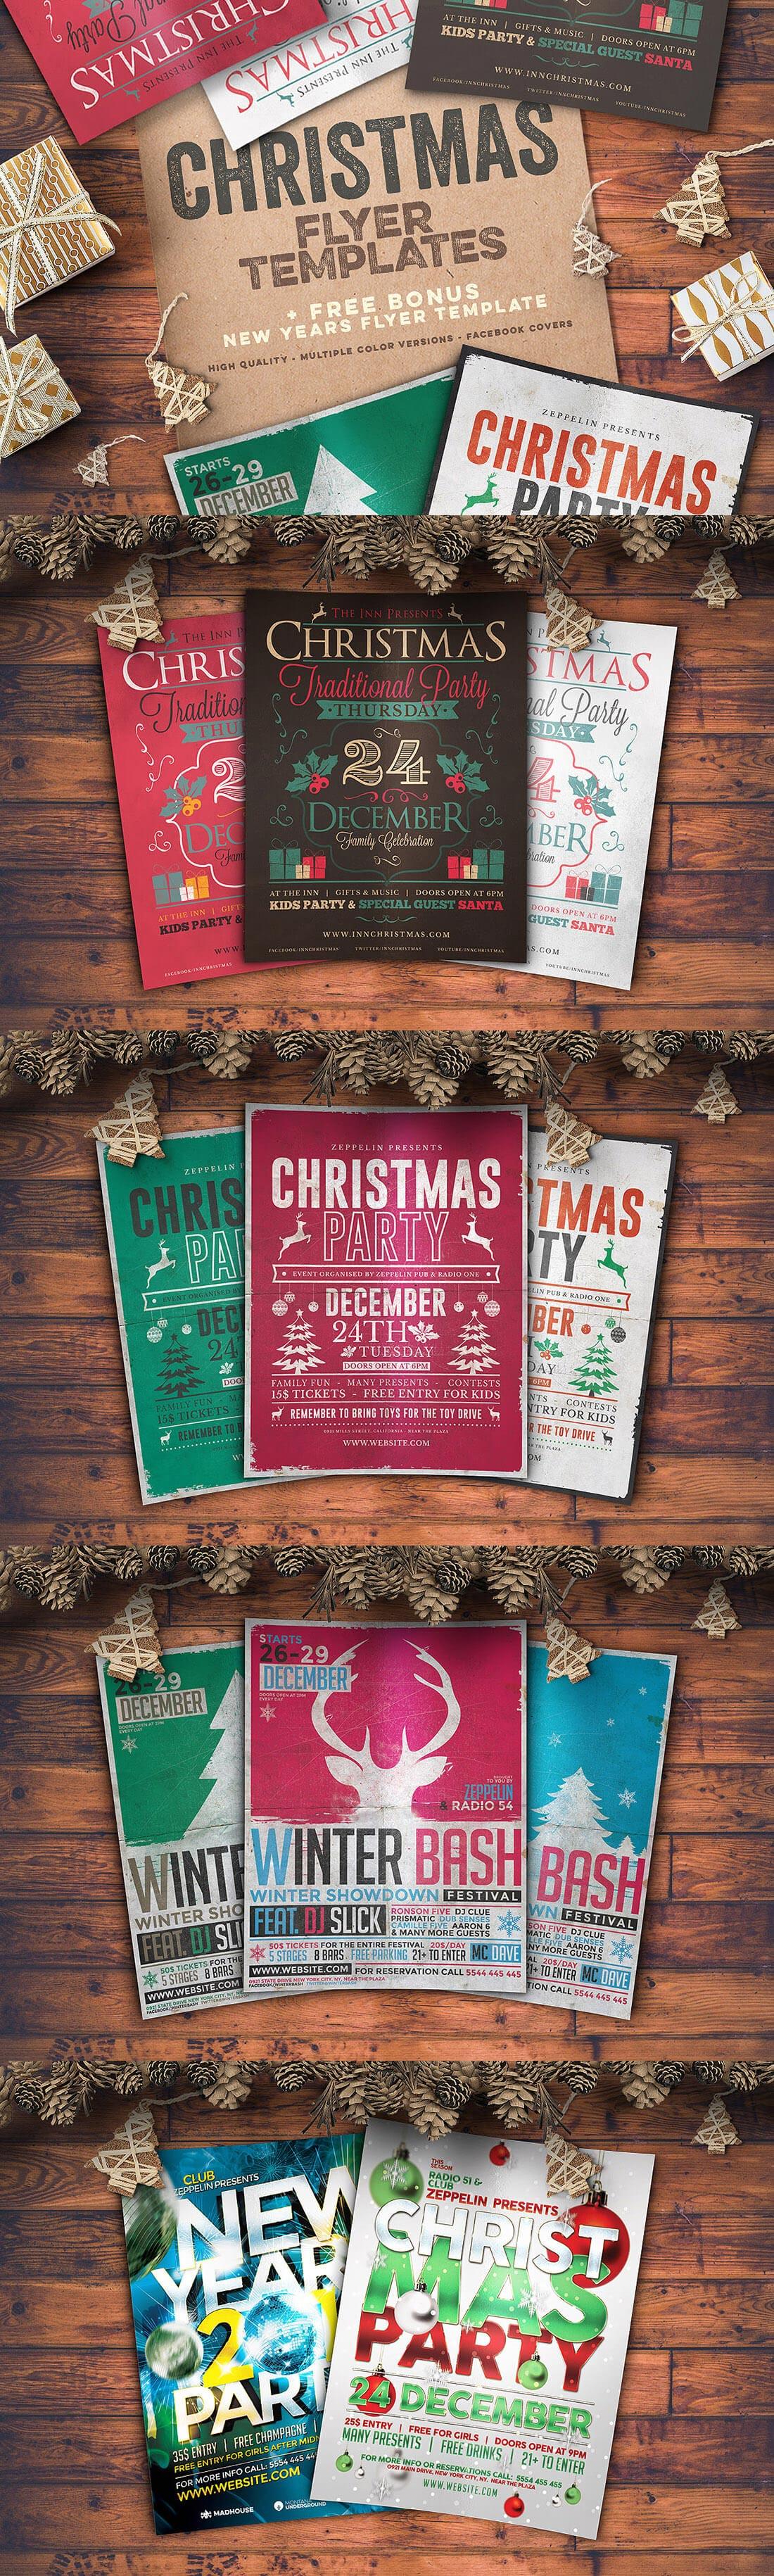 经典的圣诞海报PSD套装合集下载